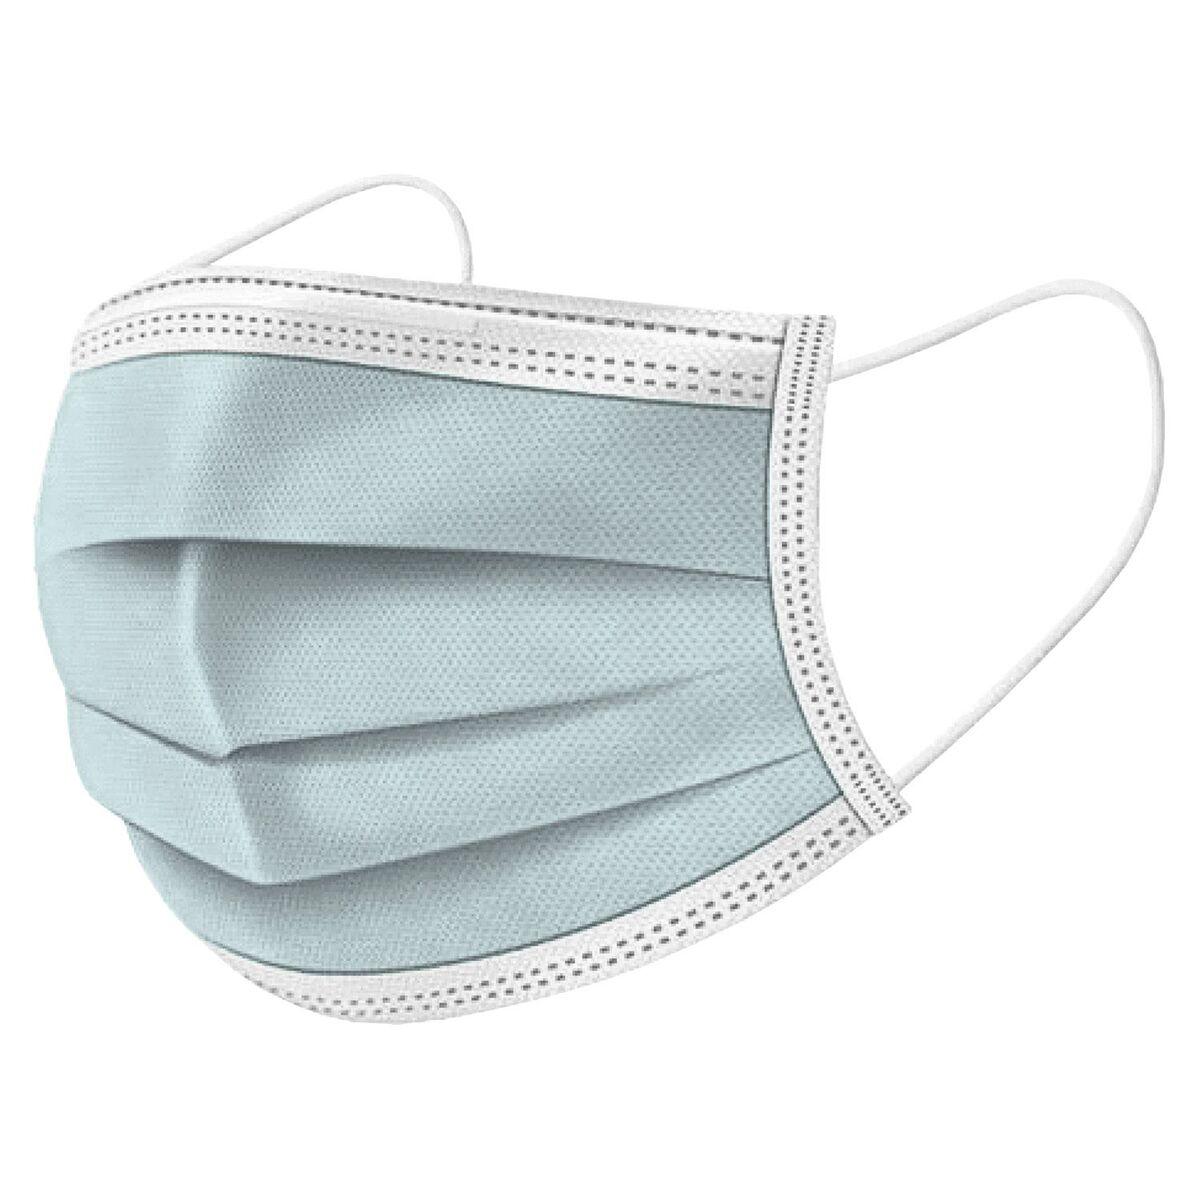 Bild 1 von Medizinische Mund-und-Nasen-Schutzmasken, Bunt 10er-Packung